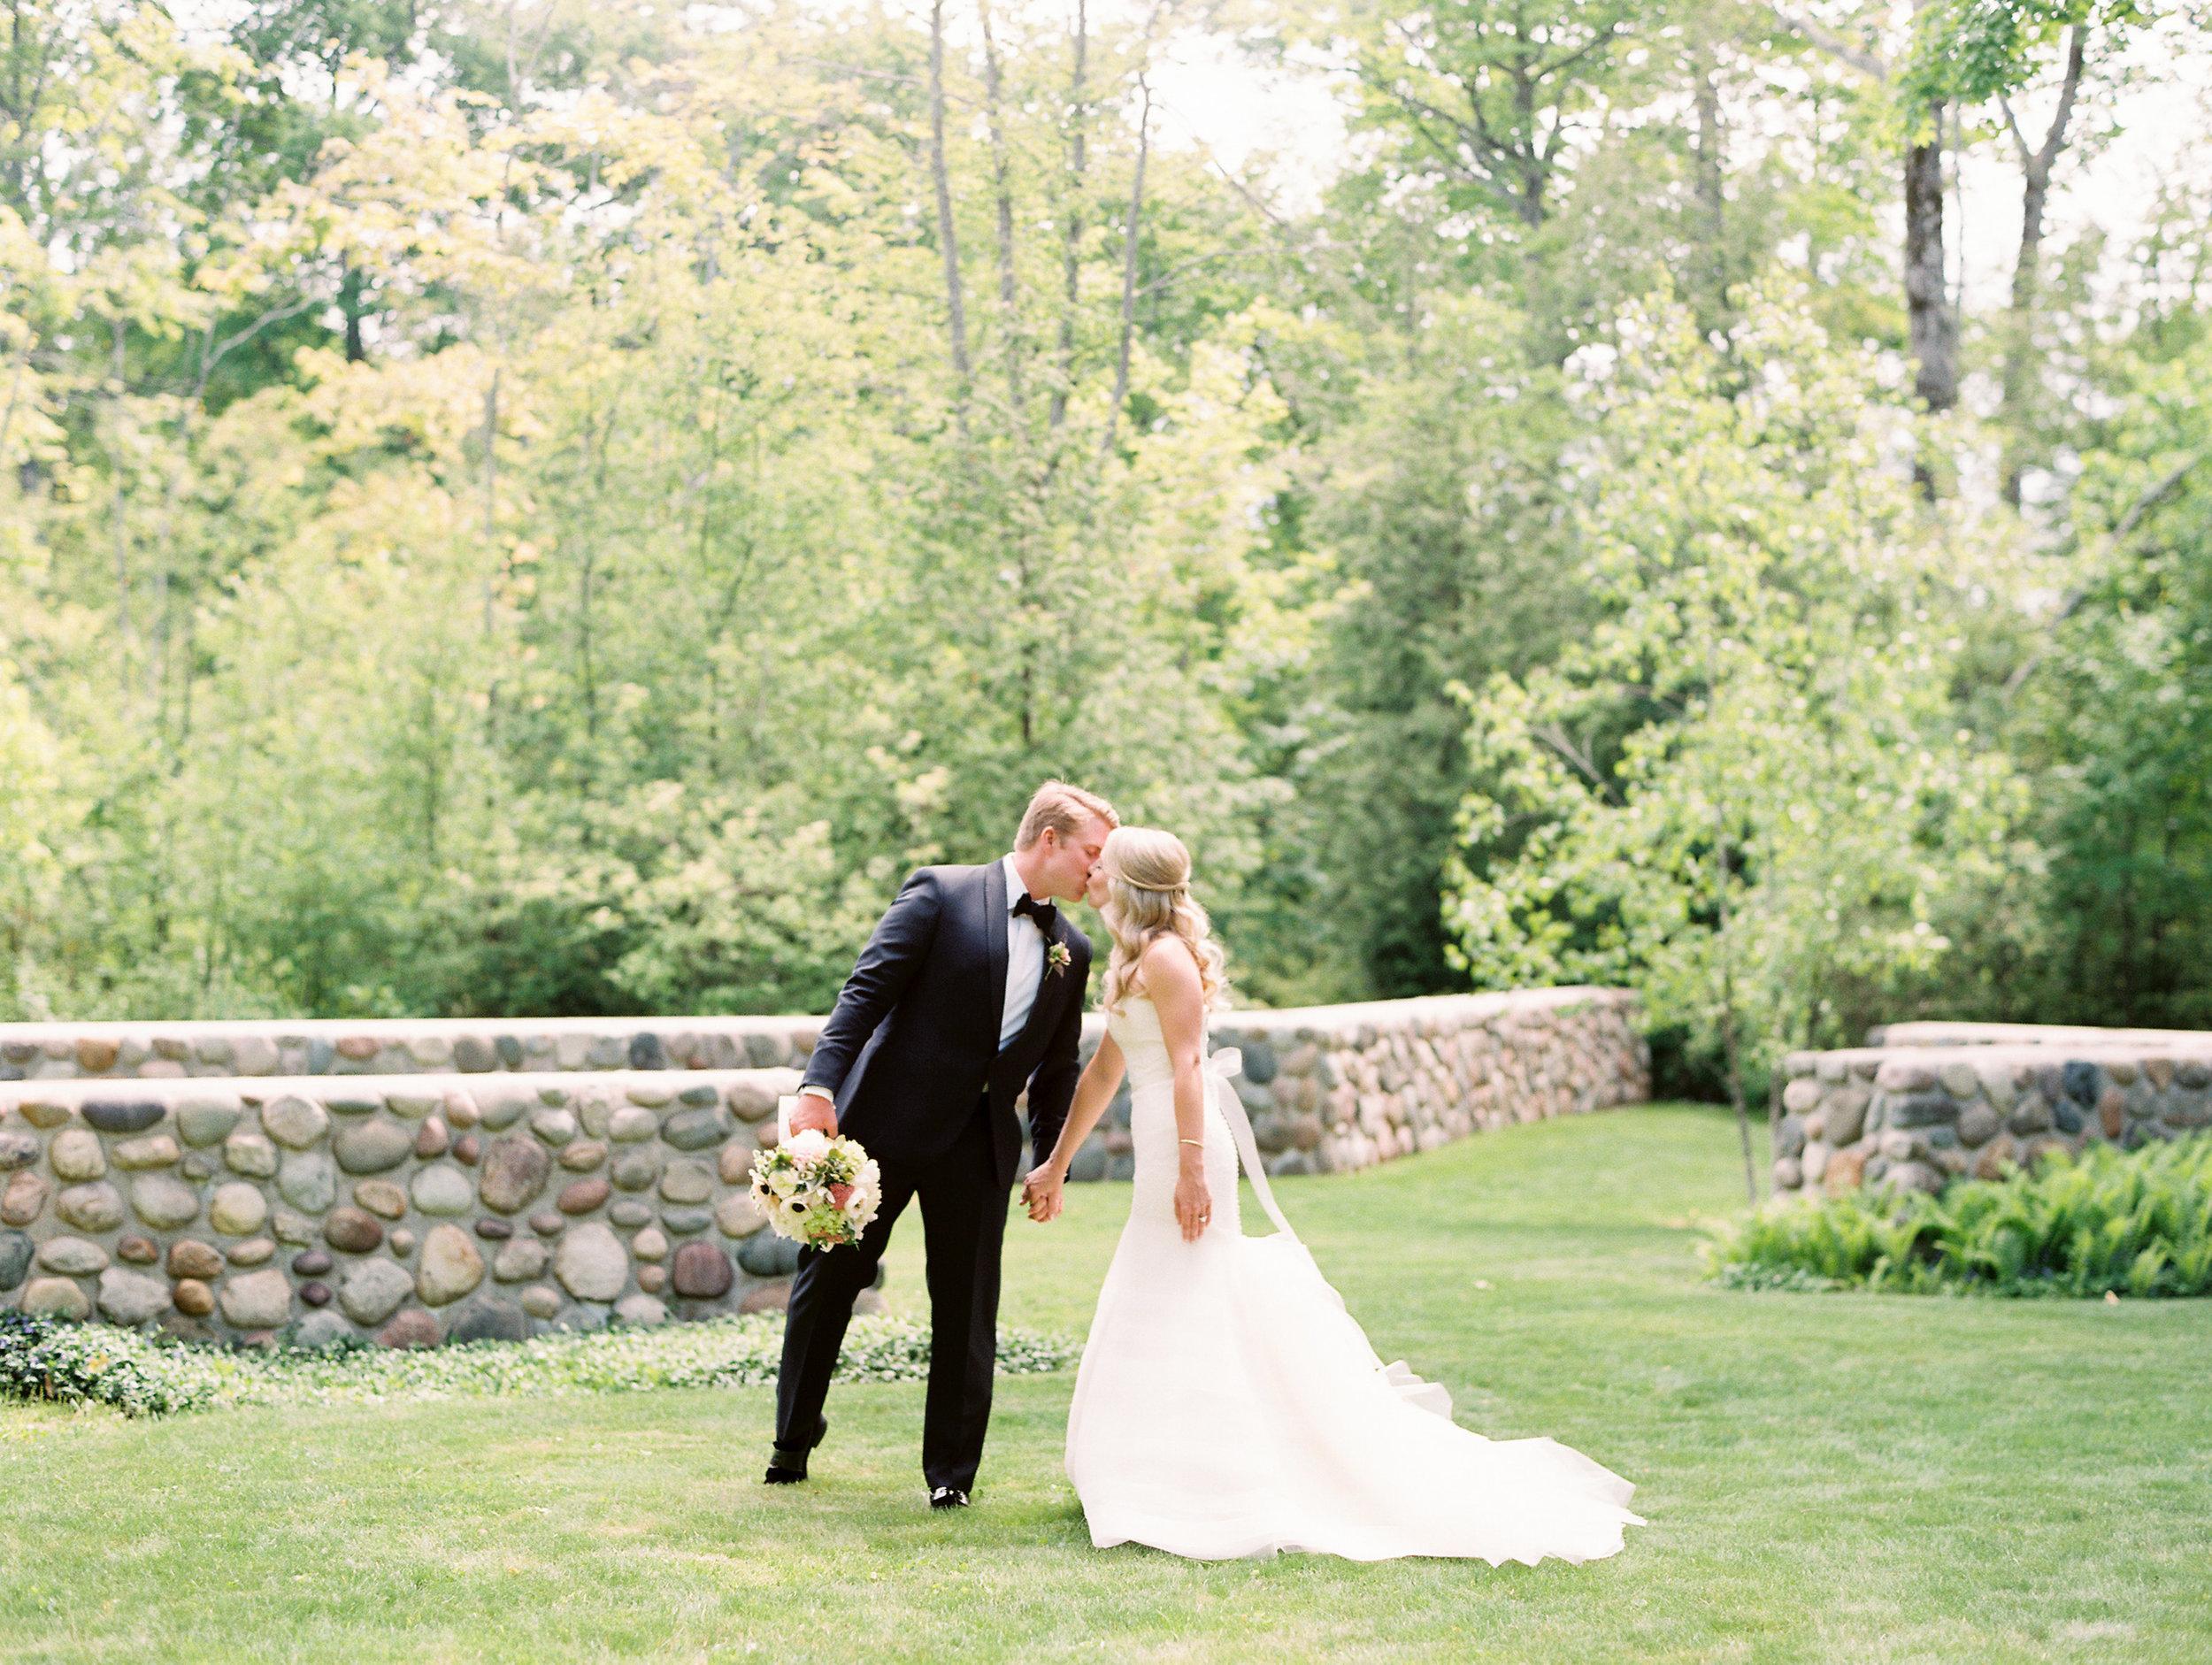 Coffman+Wedding+BrideGrooma-19.jpg